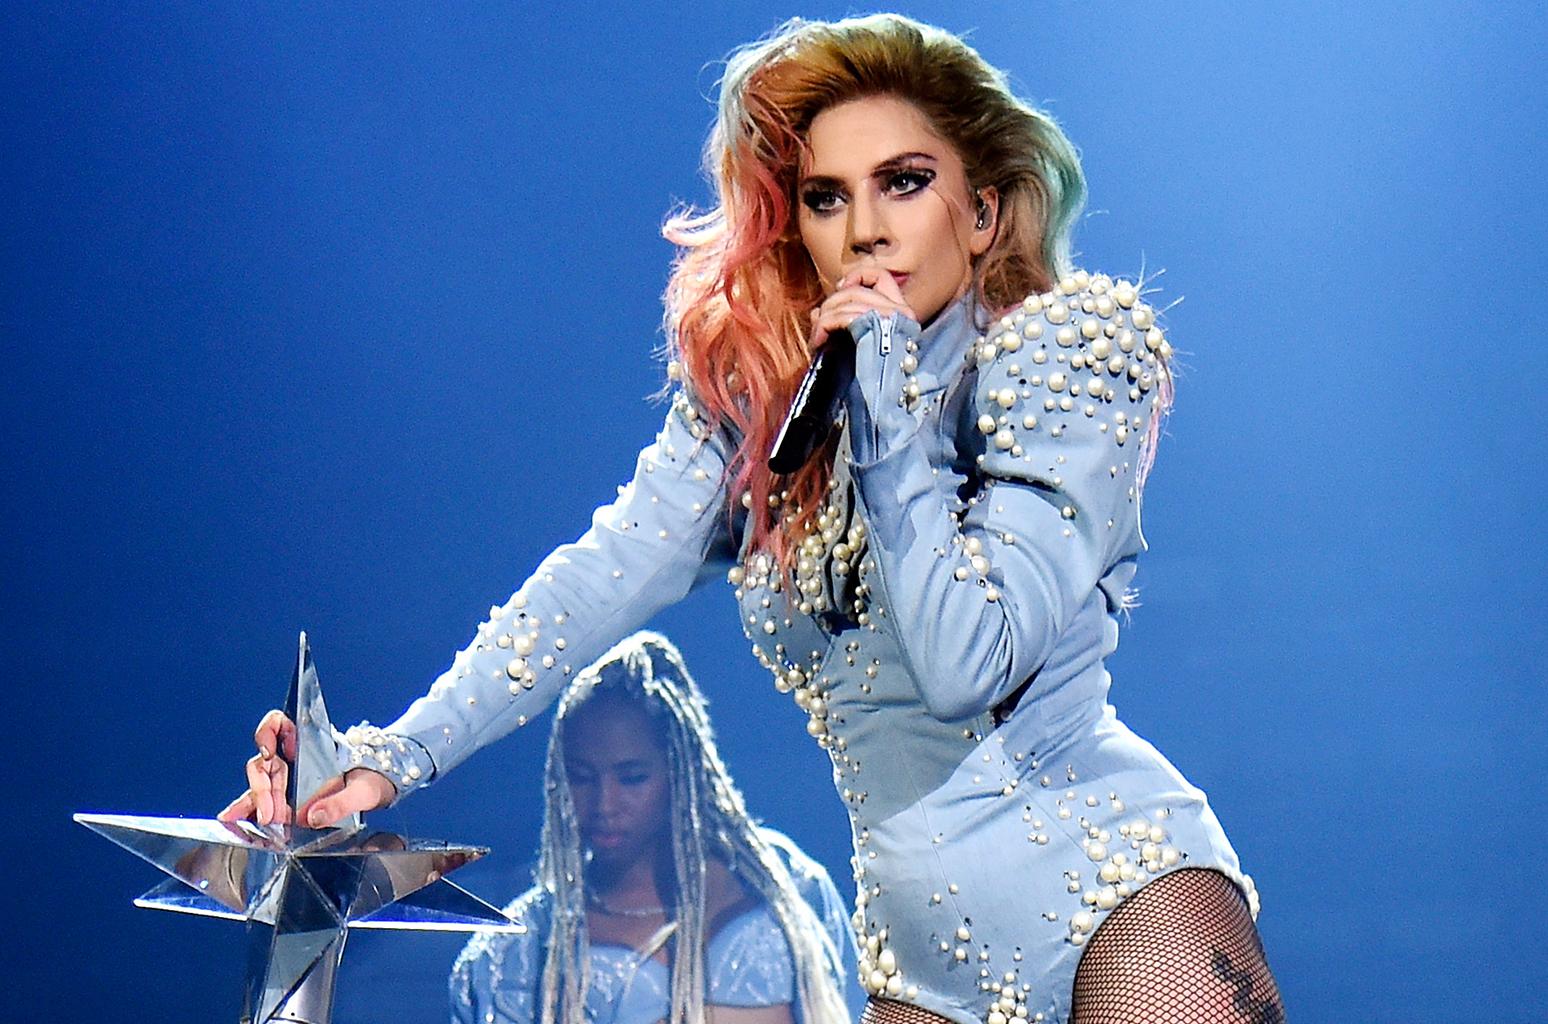 Lady Gaga ama l'Italia e l'Italia ama Lady Gaga